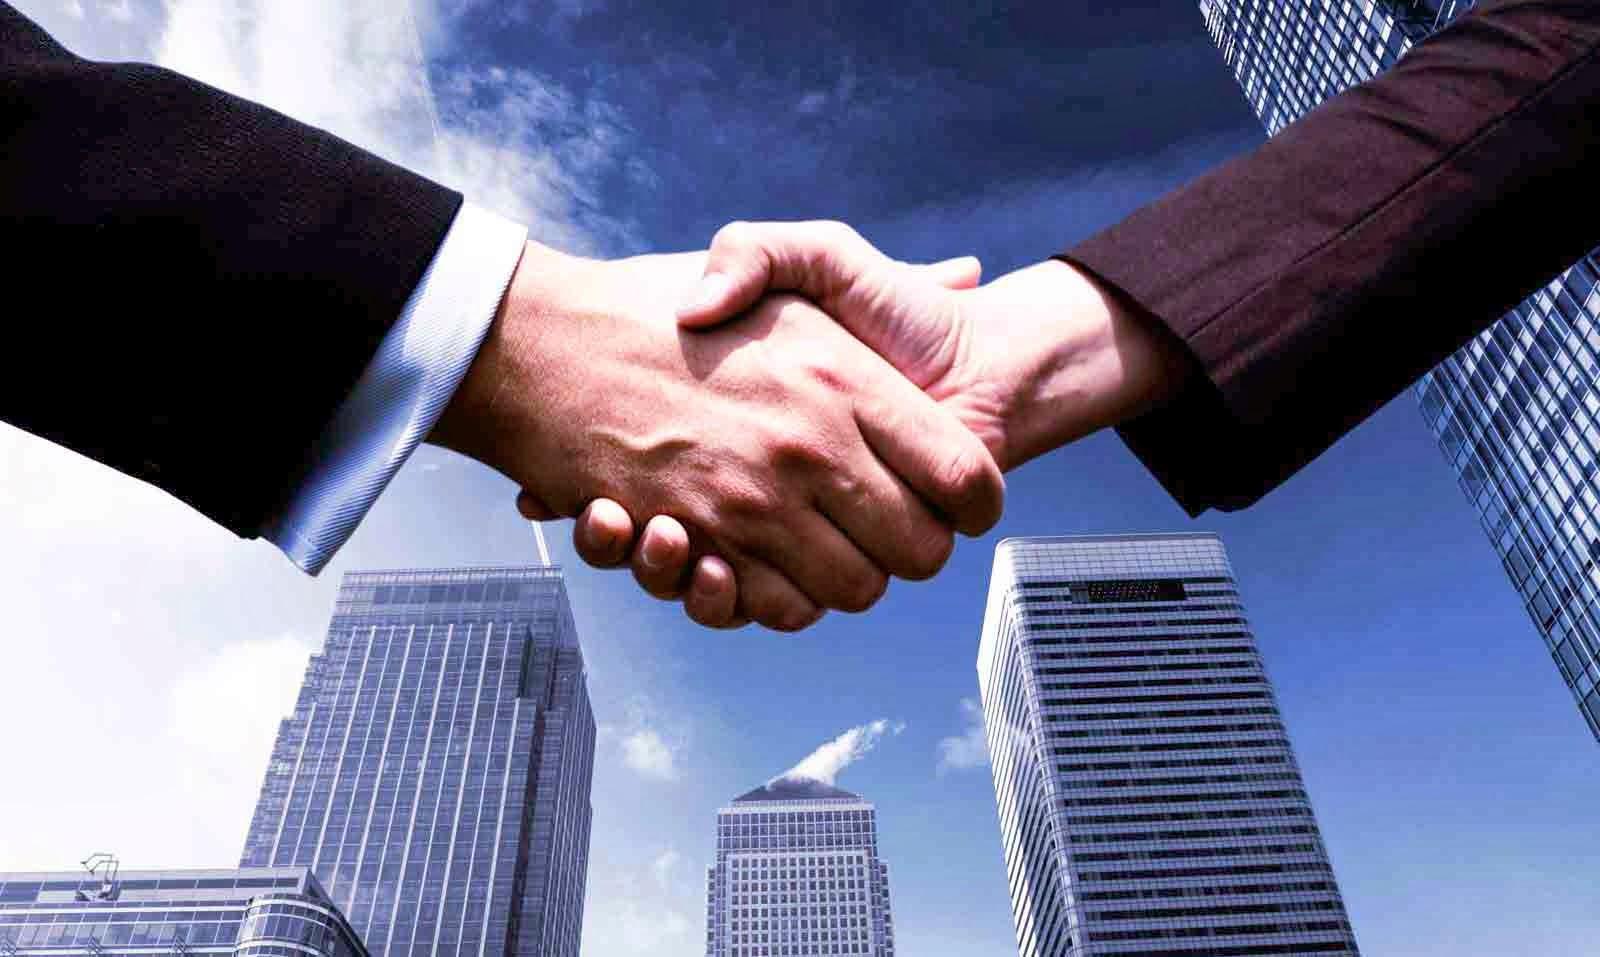 Hướng dẫn thành lập doanh nghiệp đơn giản nhất - CÔNG TY TNHH DOHICO